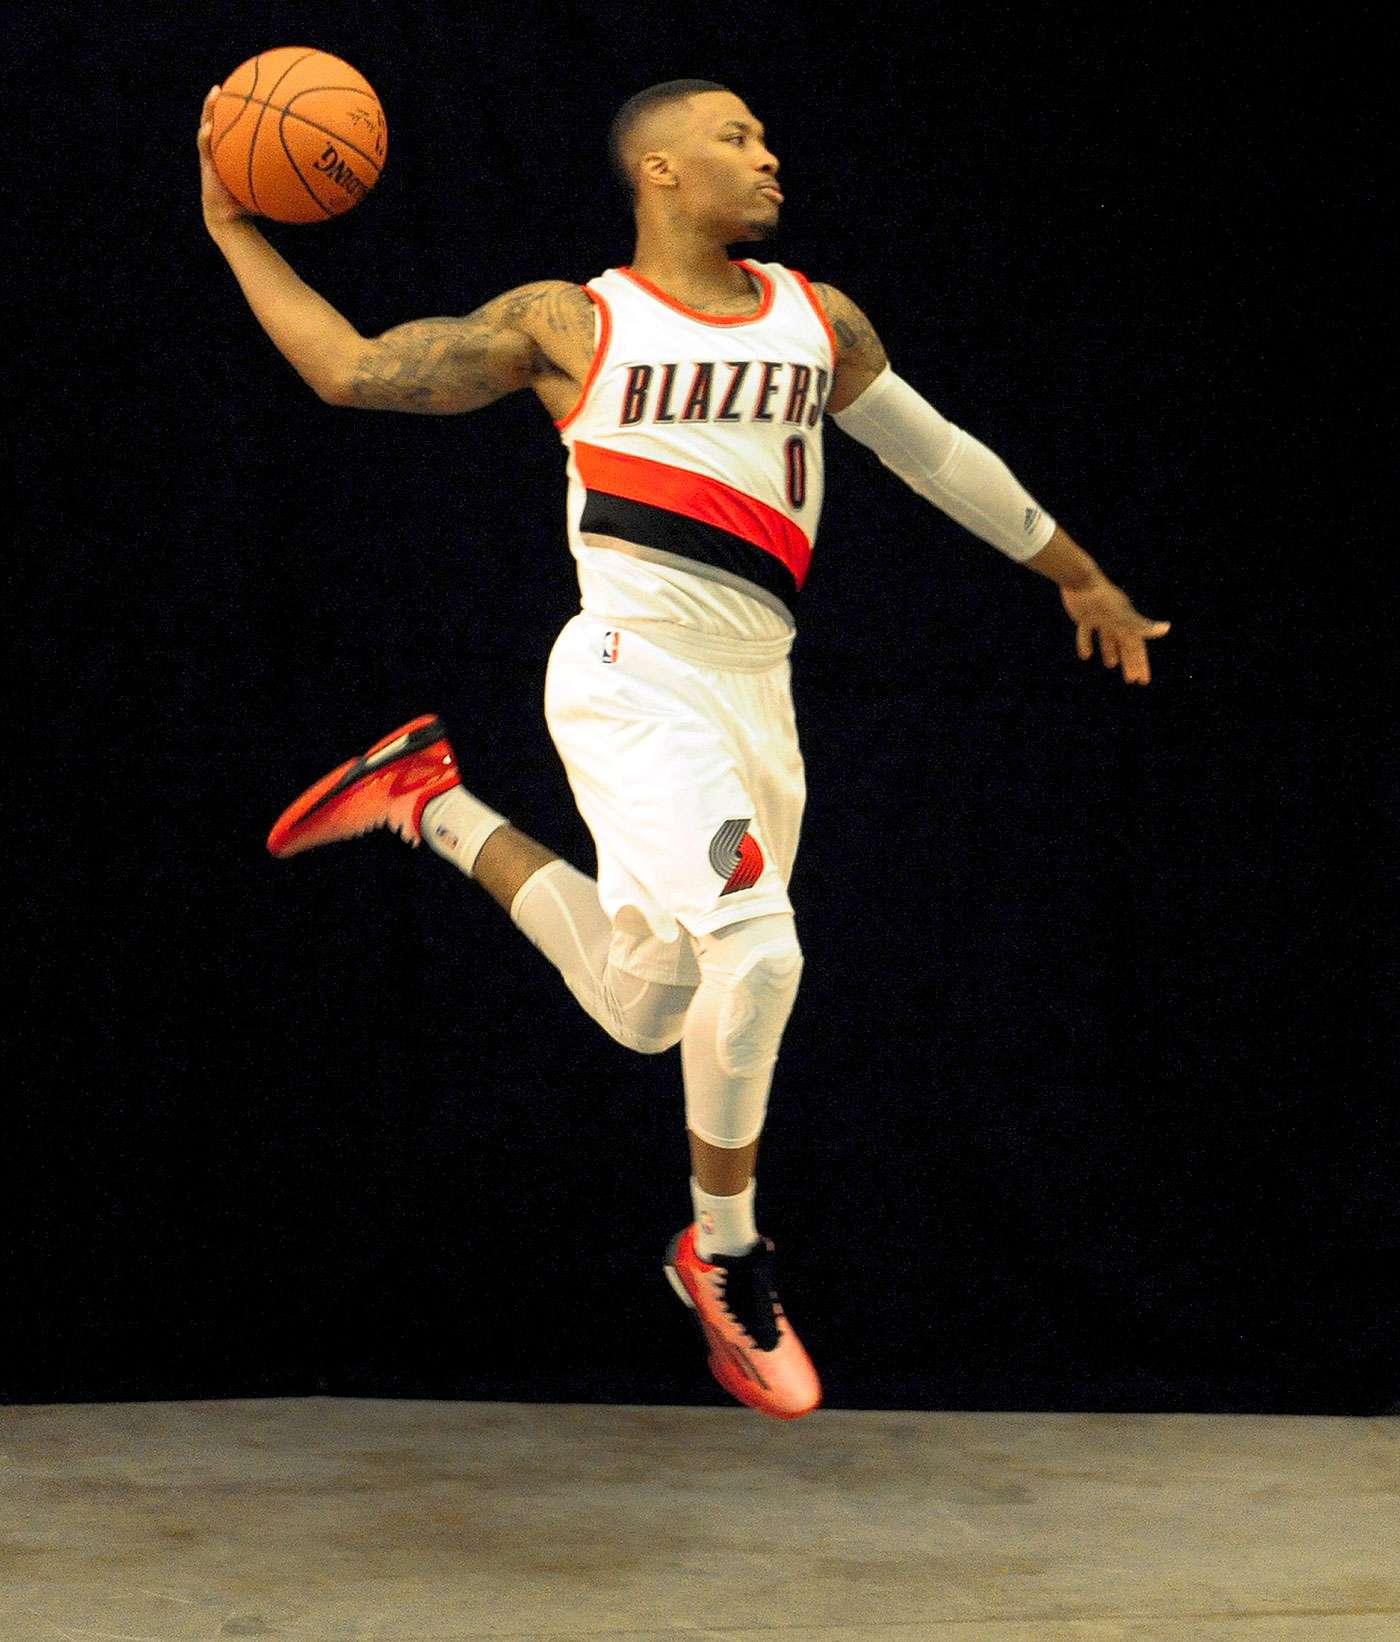 Las nóminas de los equipos de la NBA en la temporada 2014-15: 20. Los Portland Trail Blazers pagarán cerca de 67,226,812 millones de dólares en salarios. Foto: AP